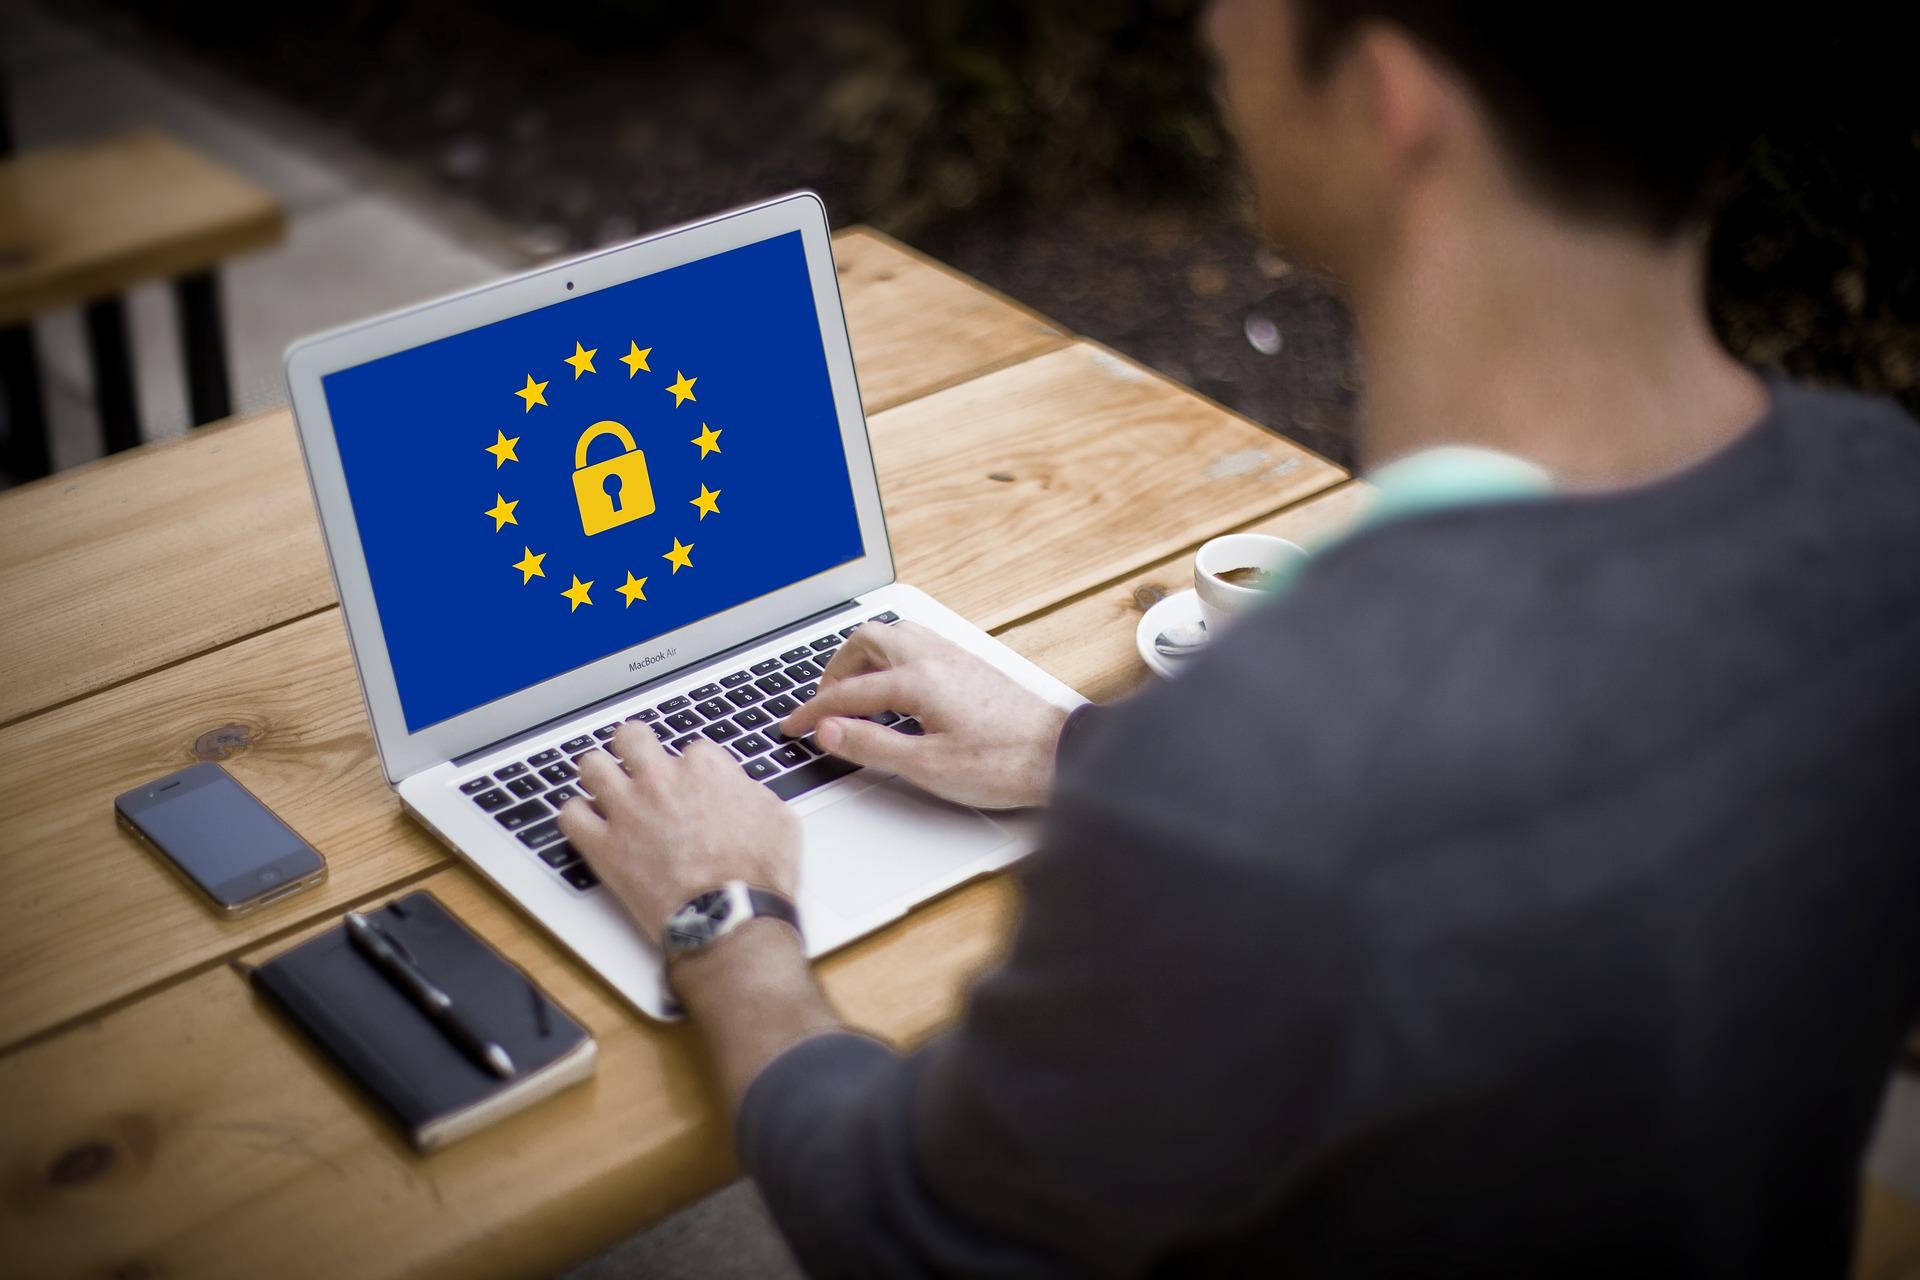 Trattamento dei dati personali: corso di 9 ore a Treviso